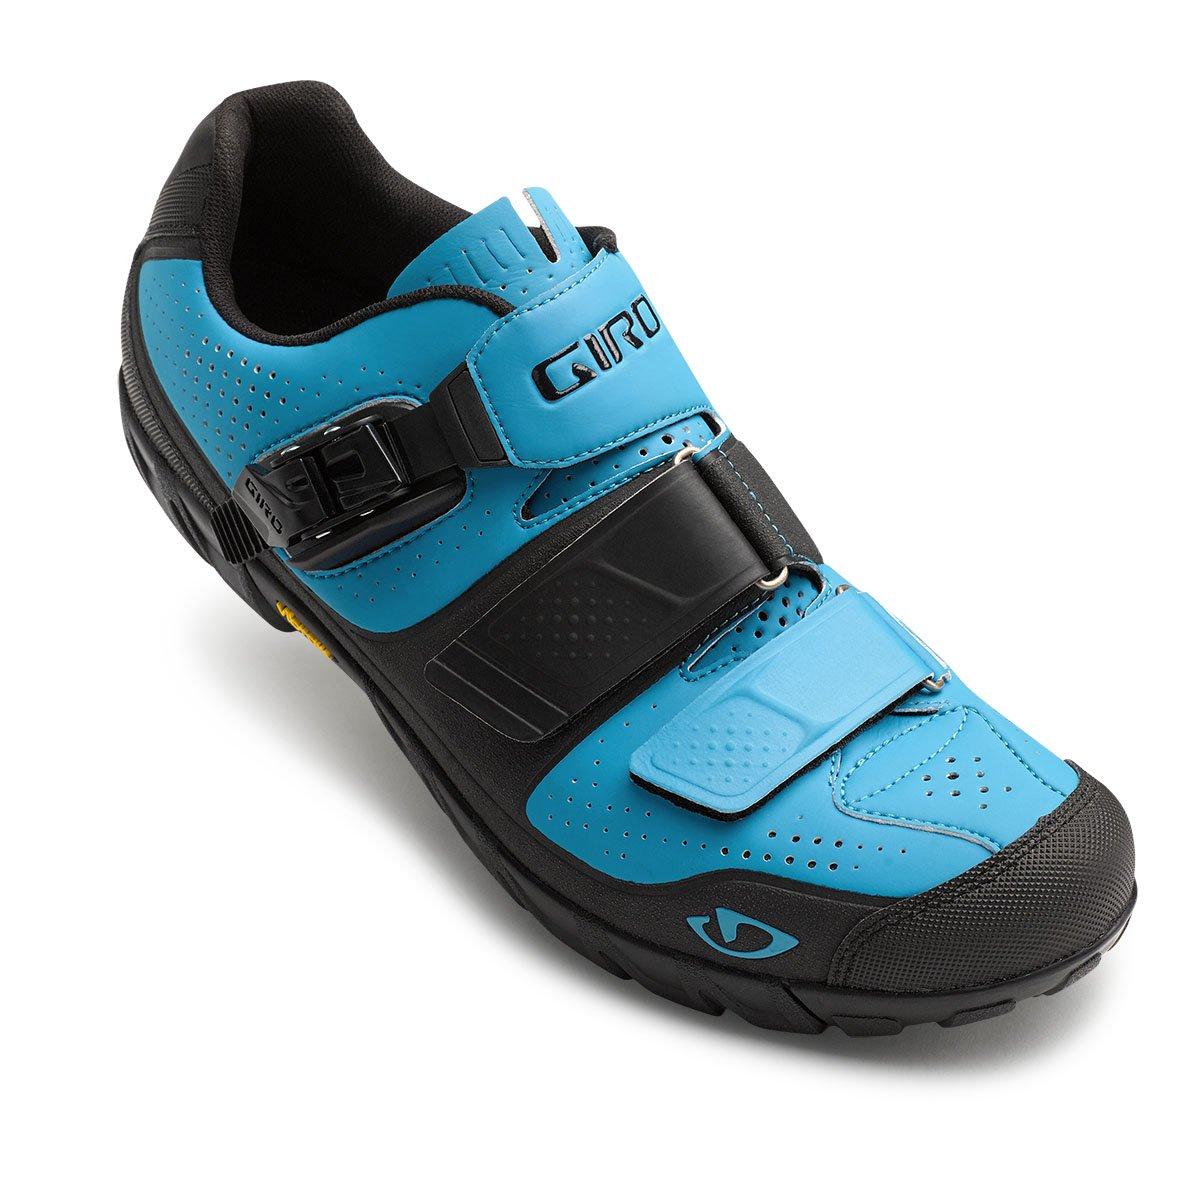 Giro Herren Terraduro MTB Mountainbike Schuhe, Blau Jewel schwarz